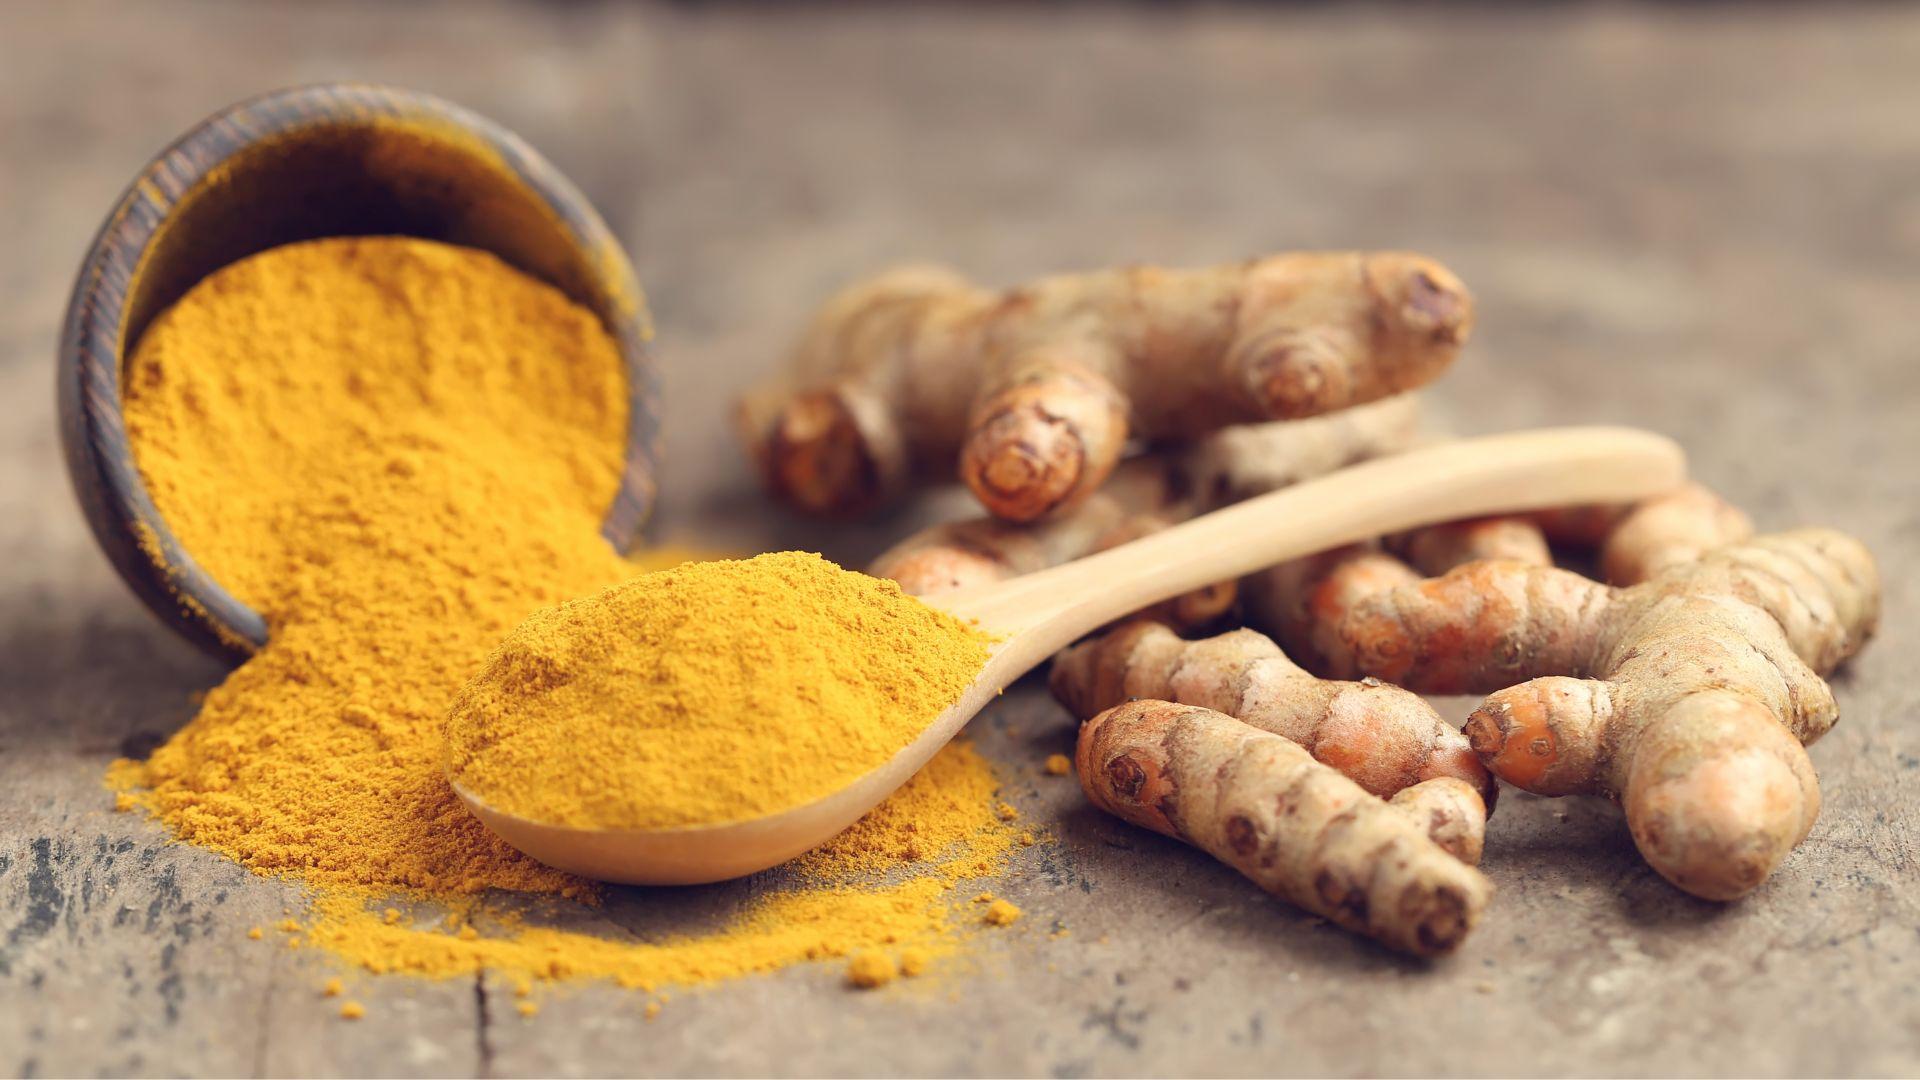 提升薑黃素吸收率!薑黃這樣吃抗發炎,降低腦損傷、心血管疾病風險